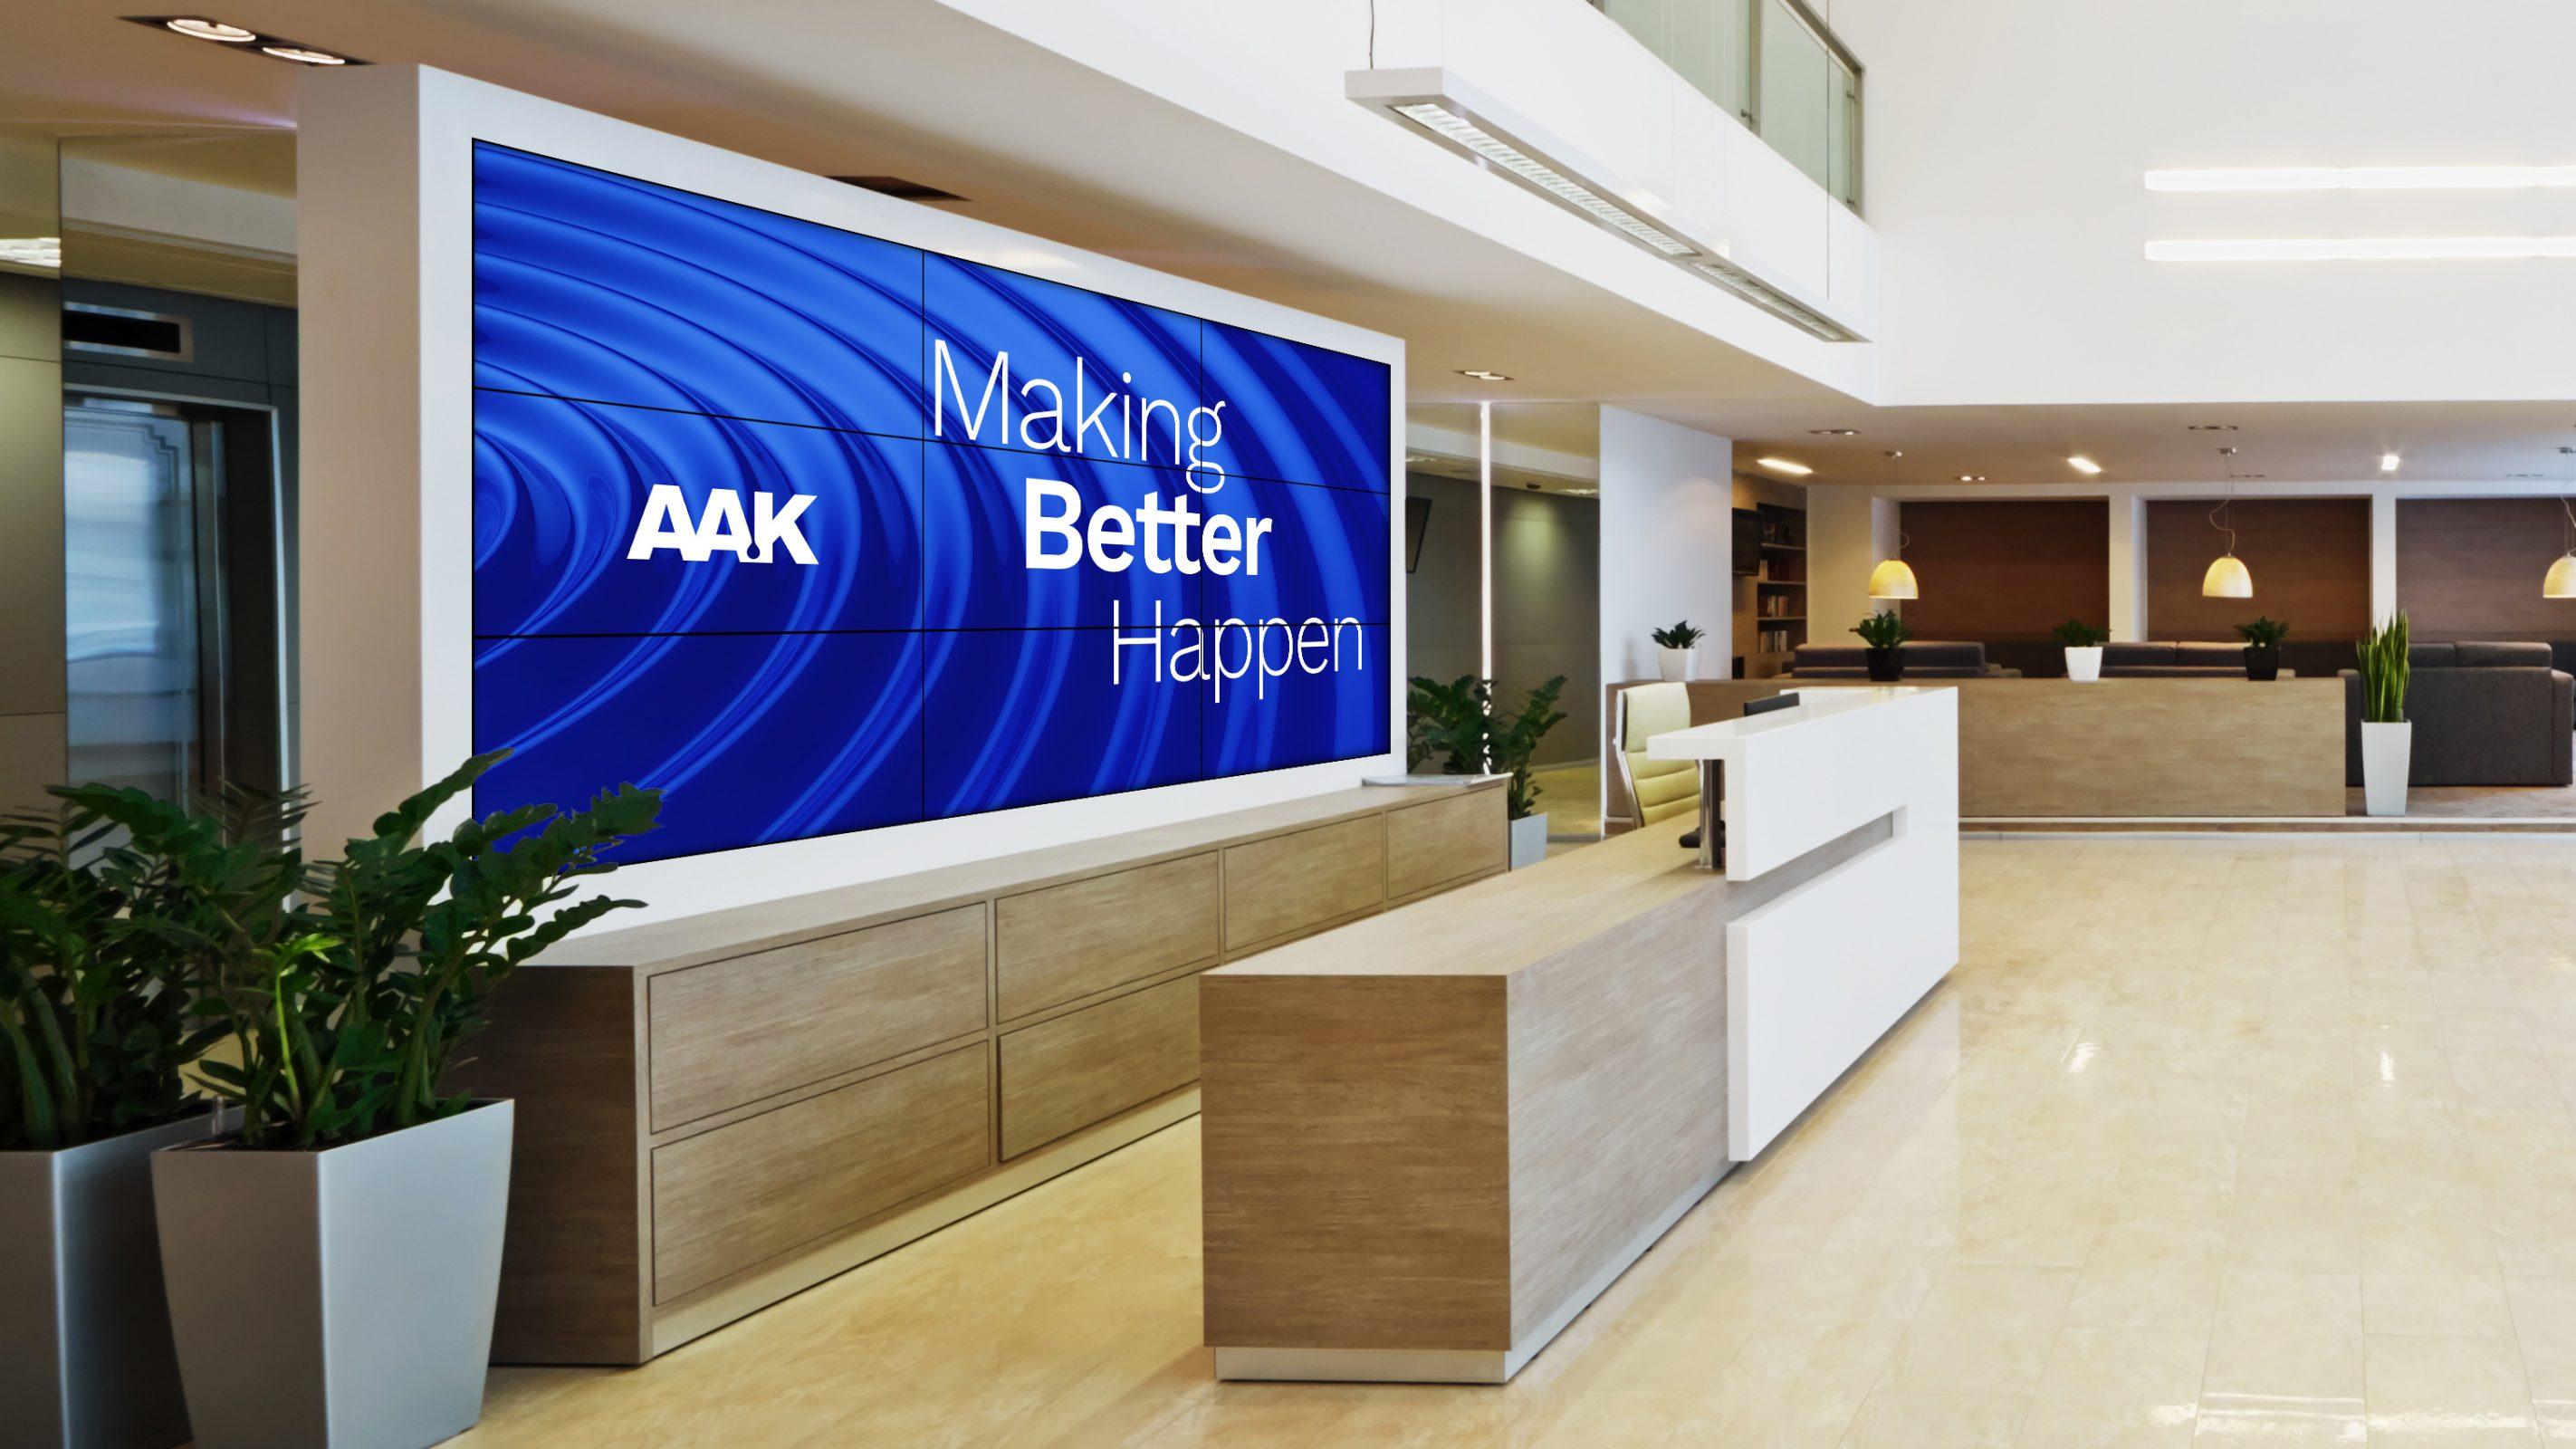 AAK yeni şirket amacı ve kurumsal kimliğini gün yüzüne çıkartıyor